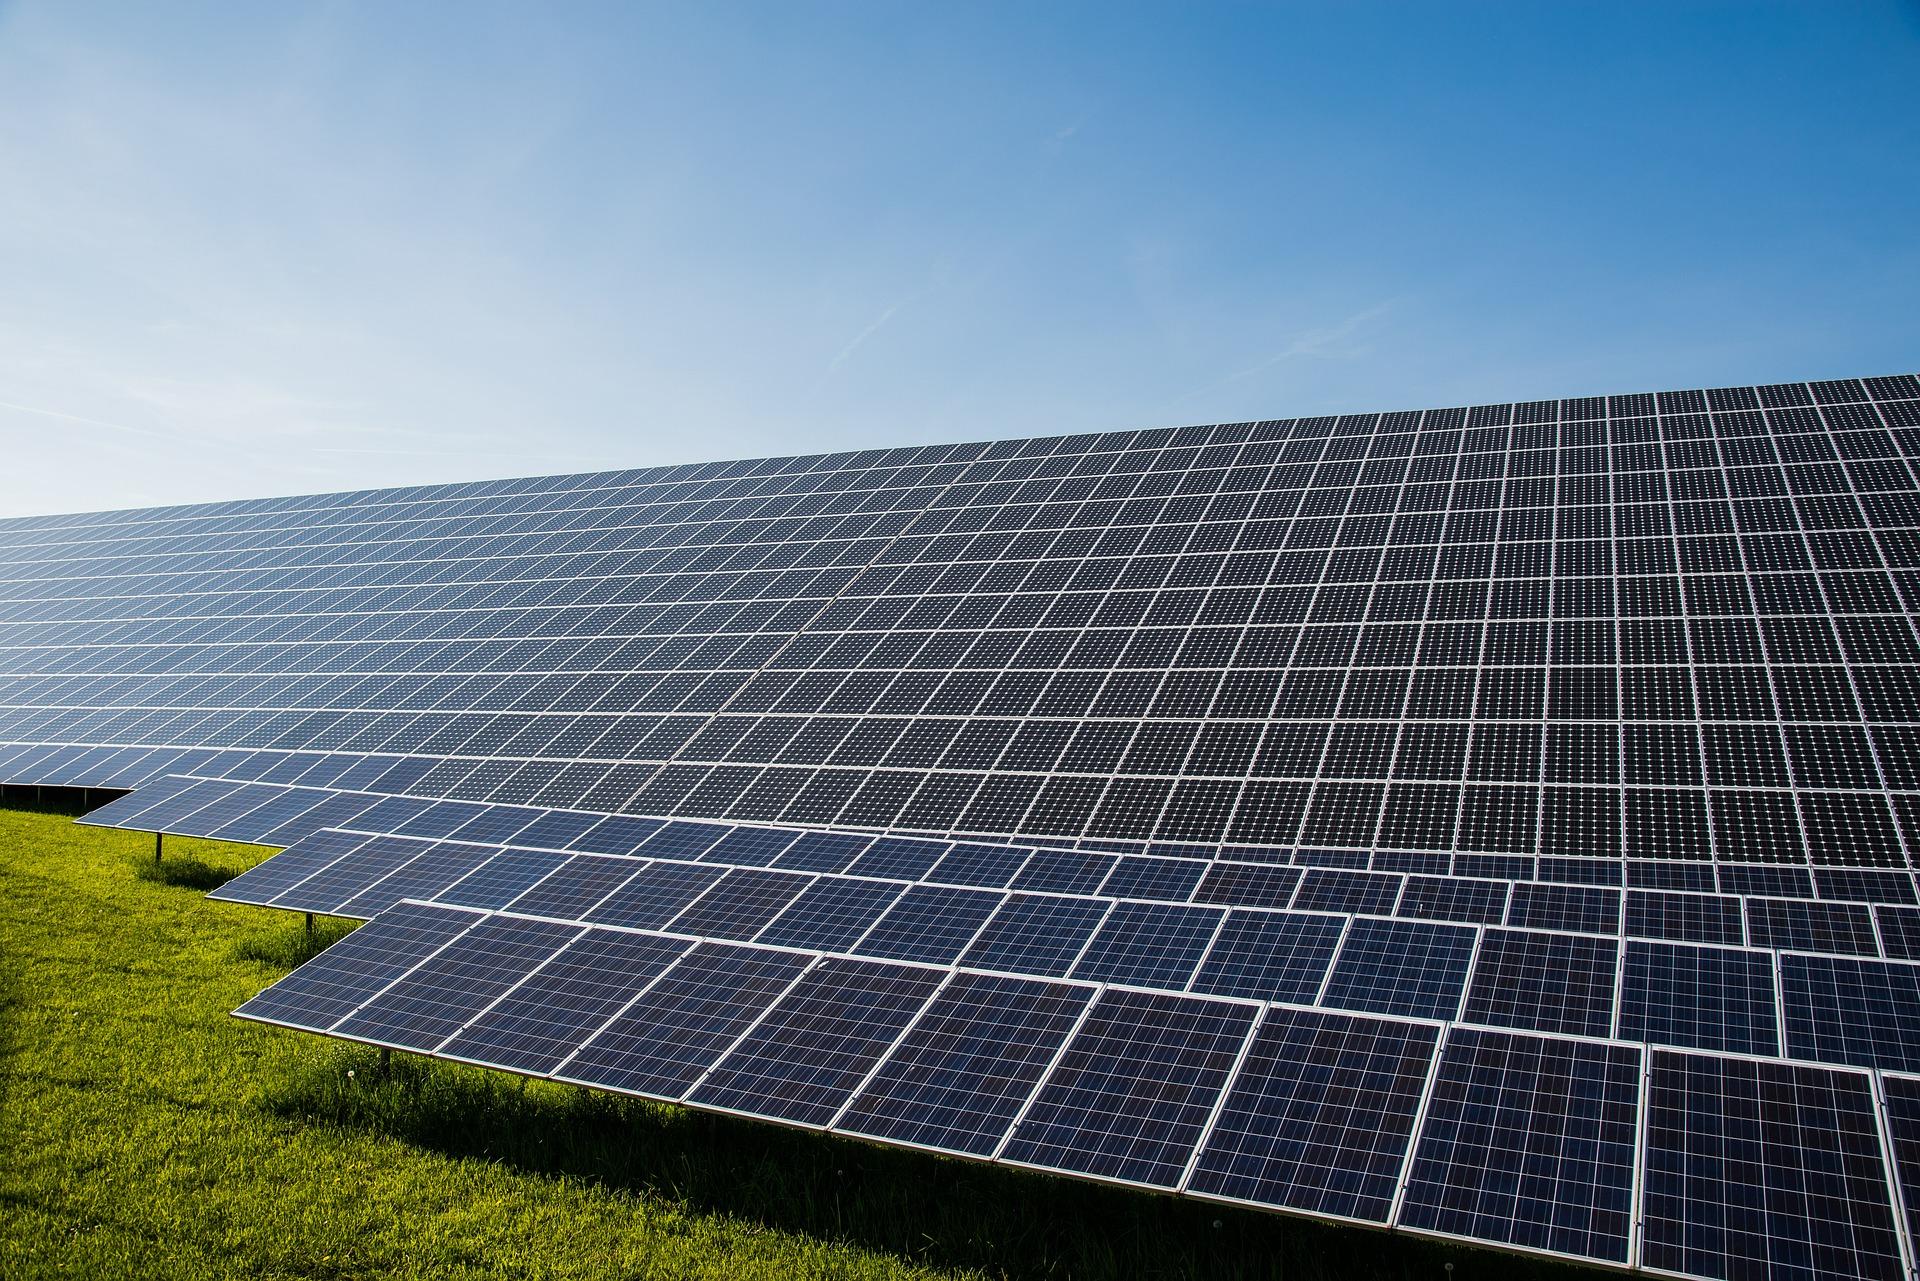 Jelentősen megnőtt tavaly a naperőművek termelése